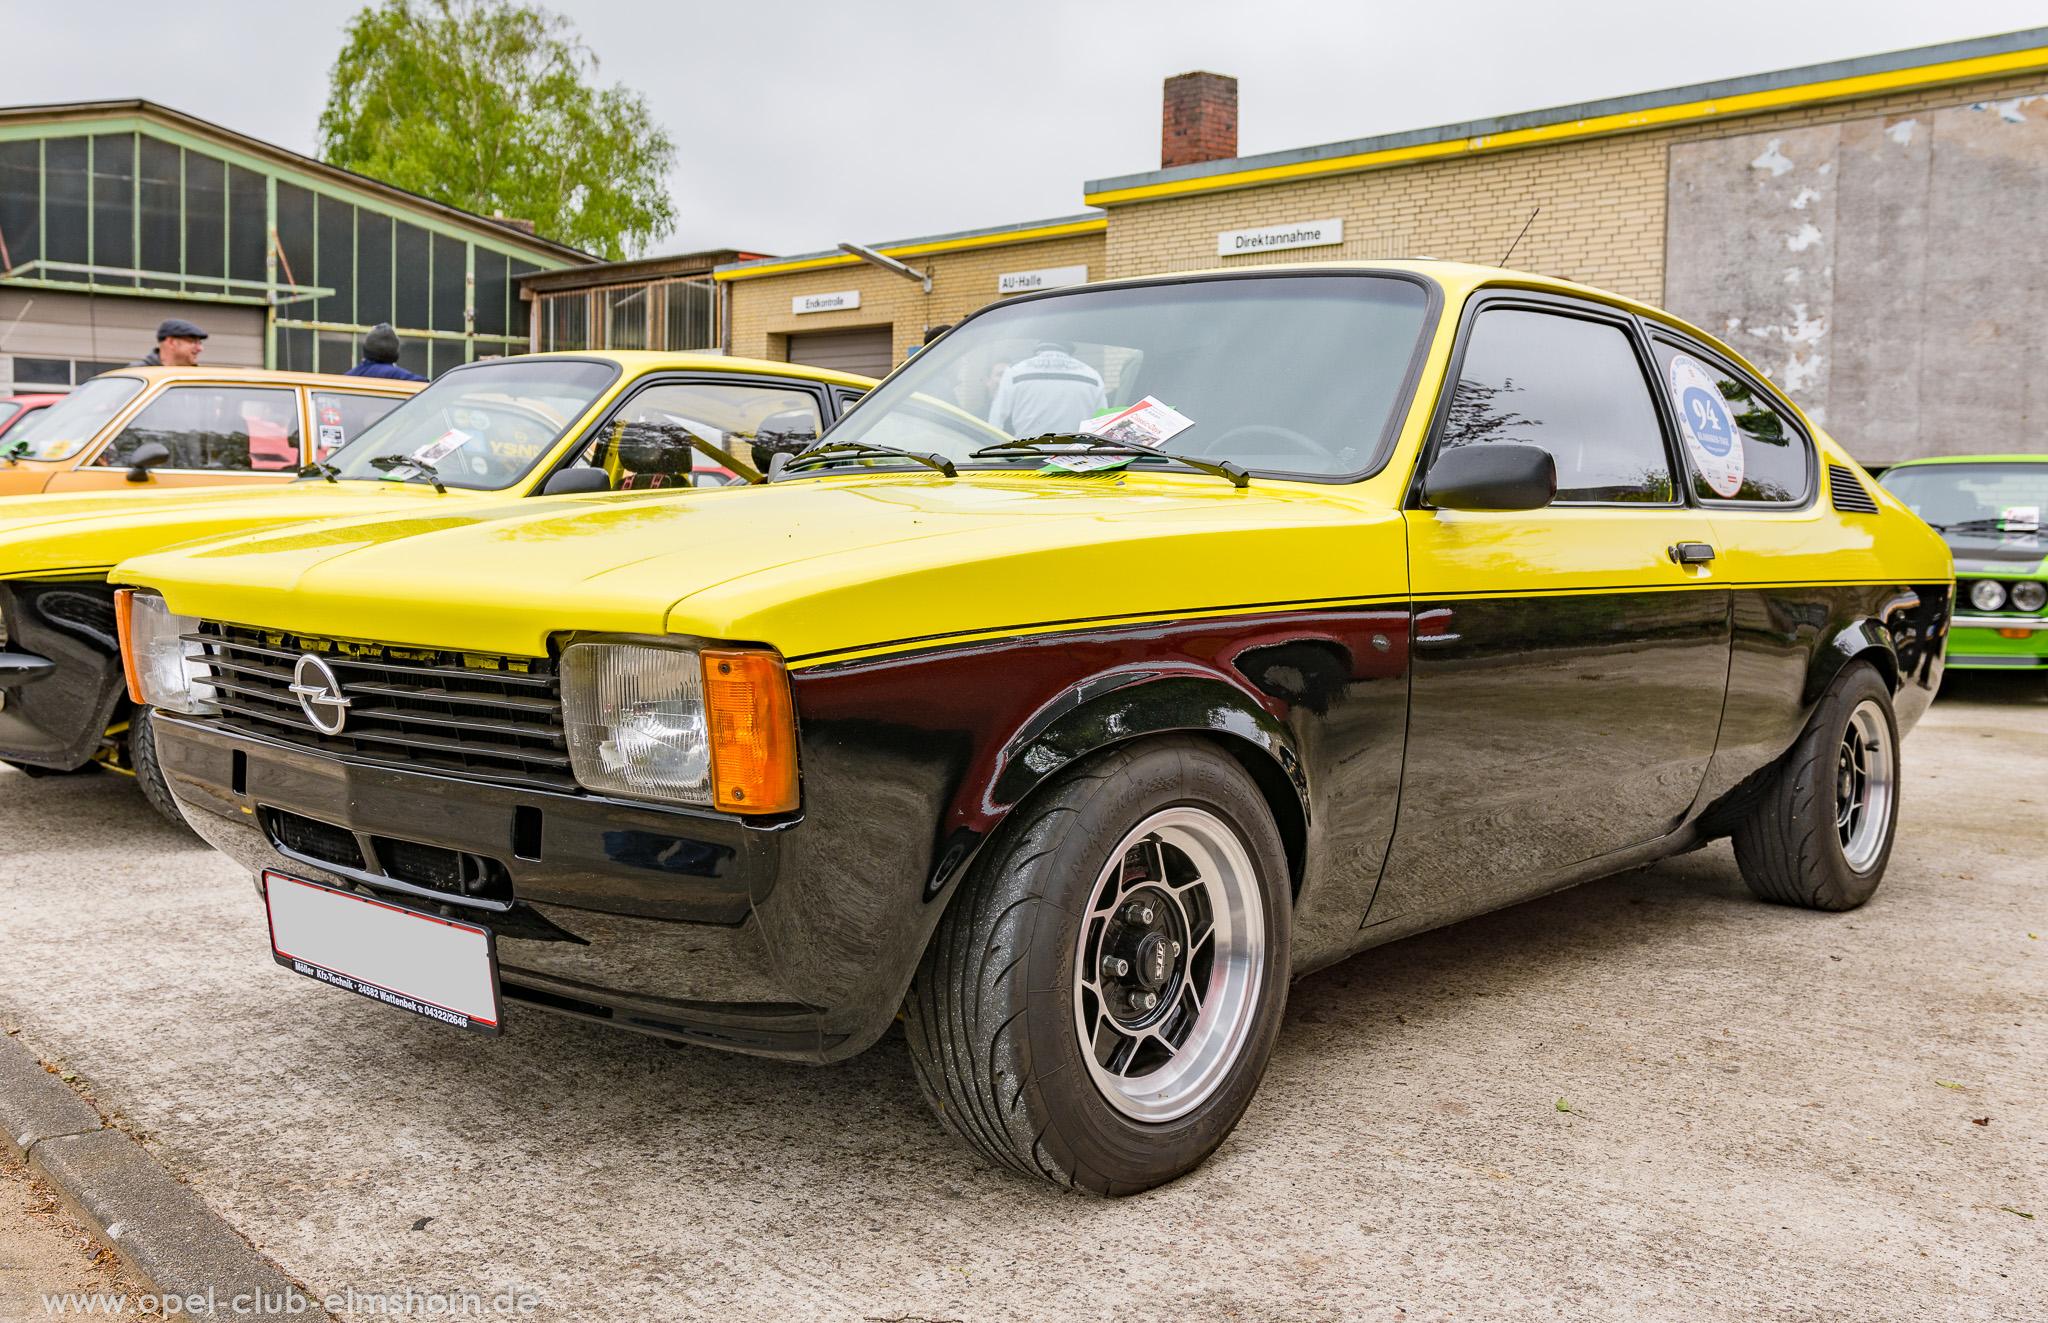 Altopeltreffen Wedel 2019 - 20190501_113415 - Opel Kadett C